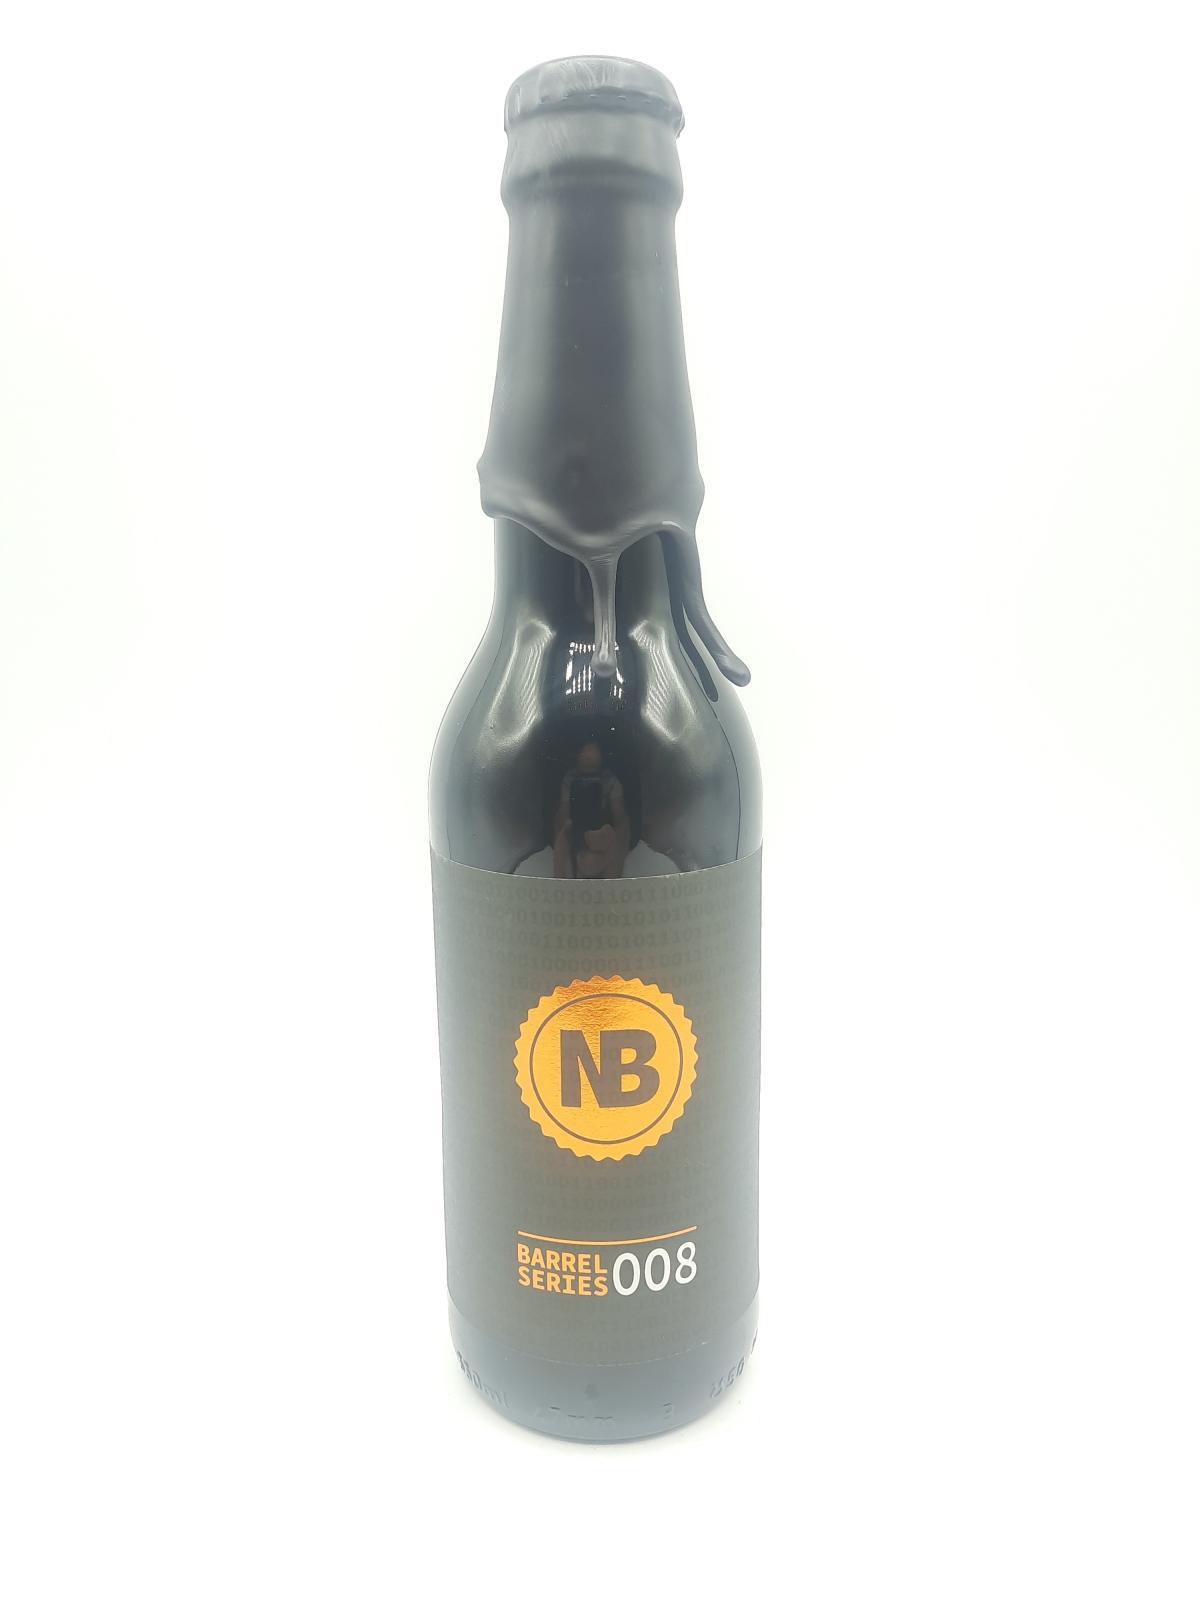 Img Nerd Barrel series 008